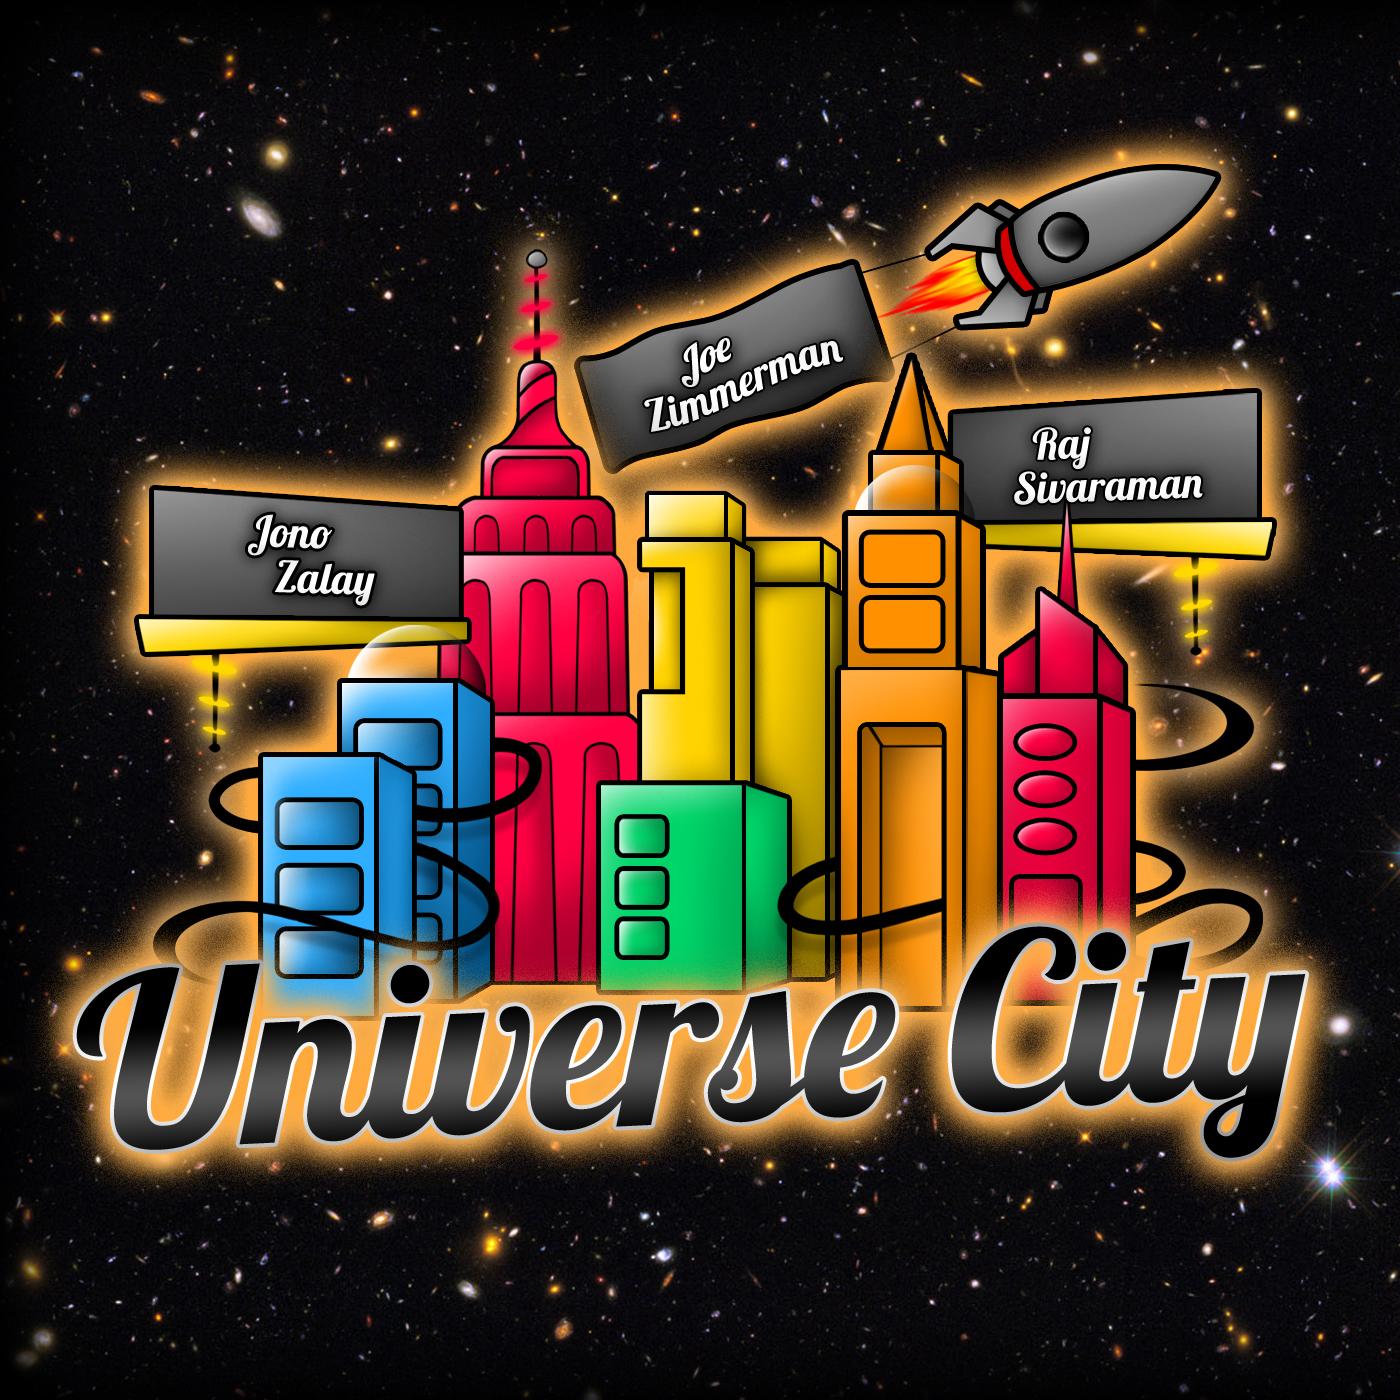 Universe City